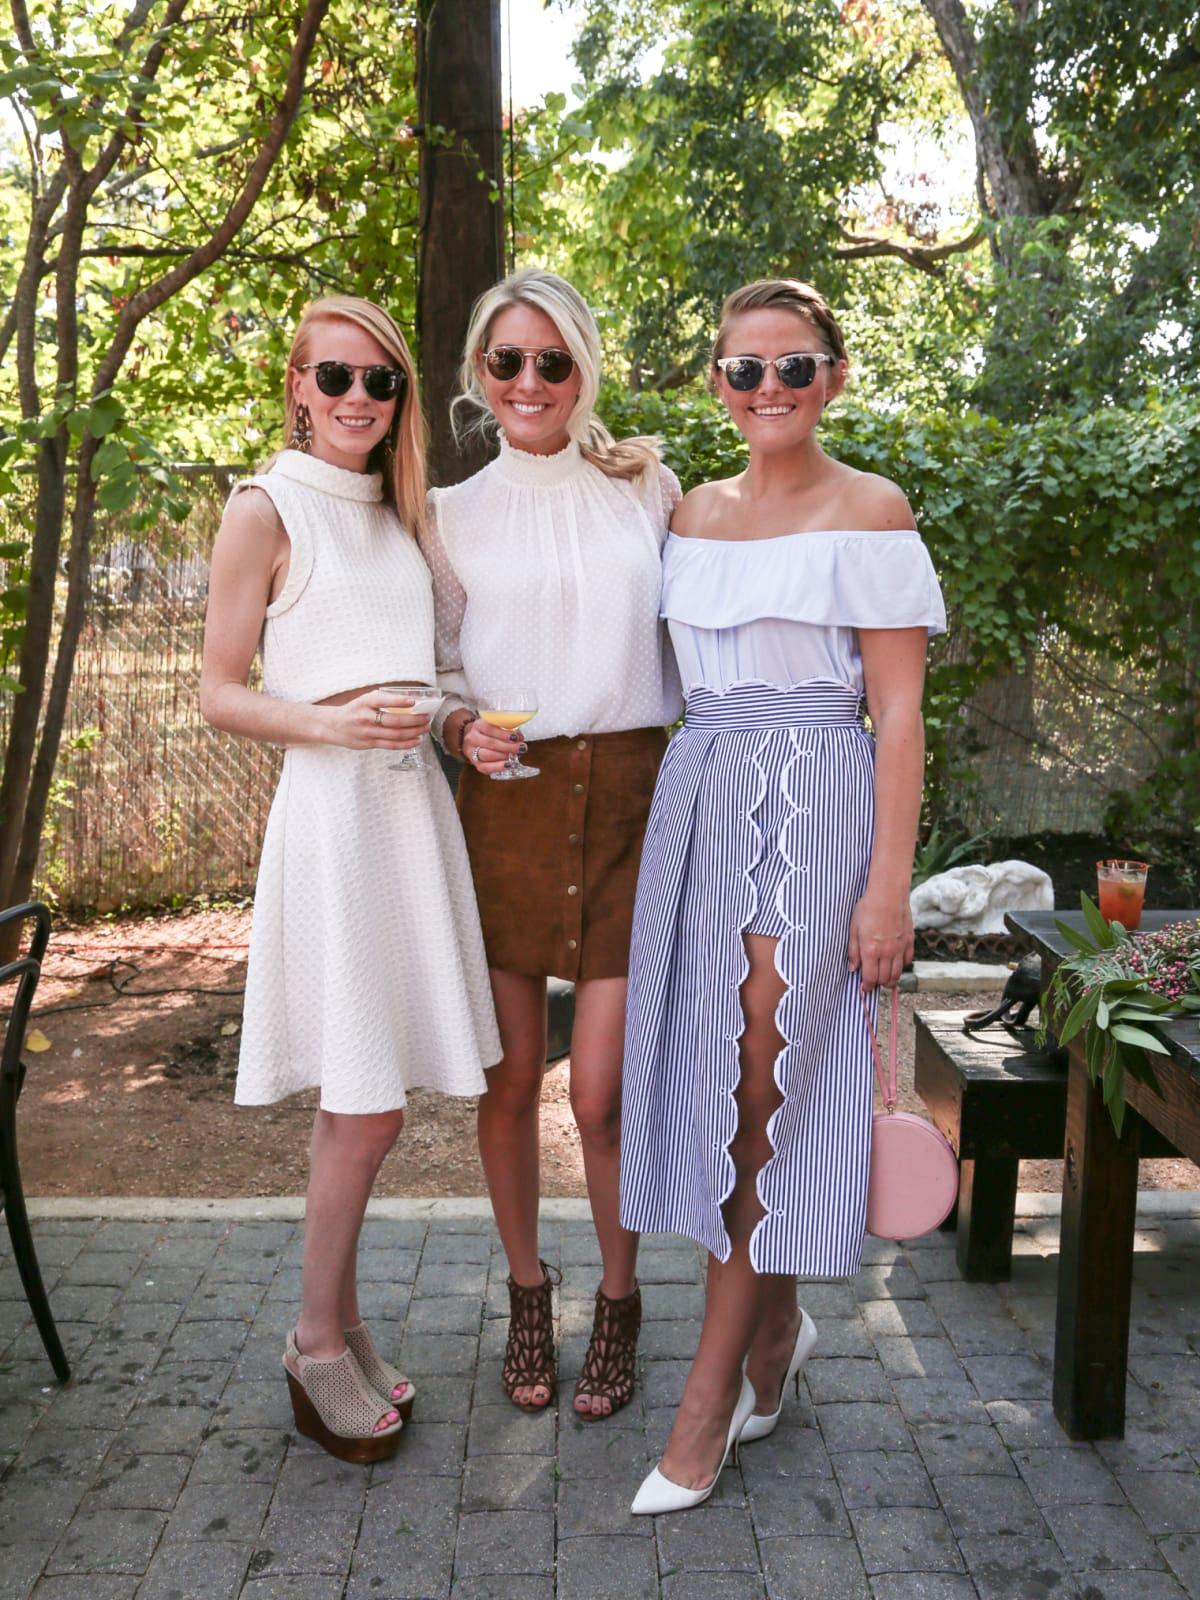 Tribeza Style Brunch 2015 at Justine's Brasserie Caroline Gaines Kristen Kilpatrick Suzanne Negley